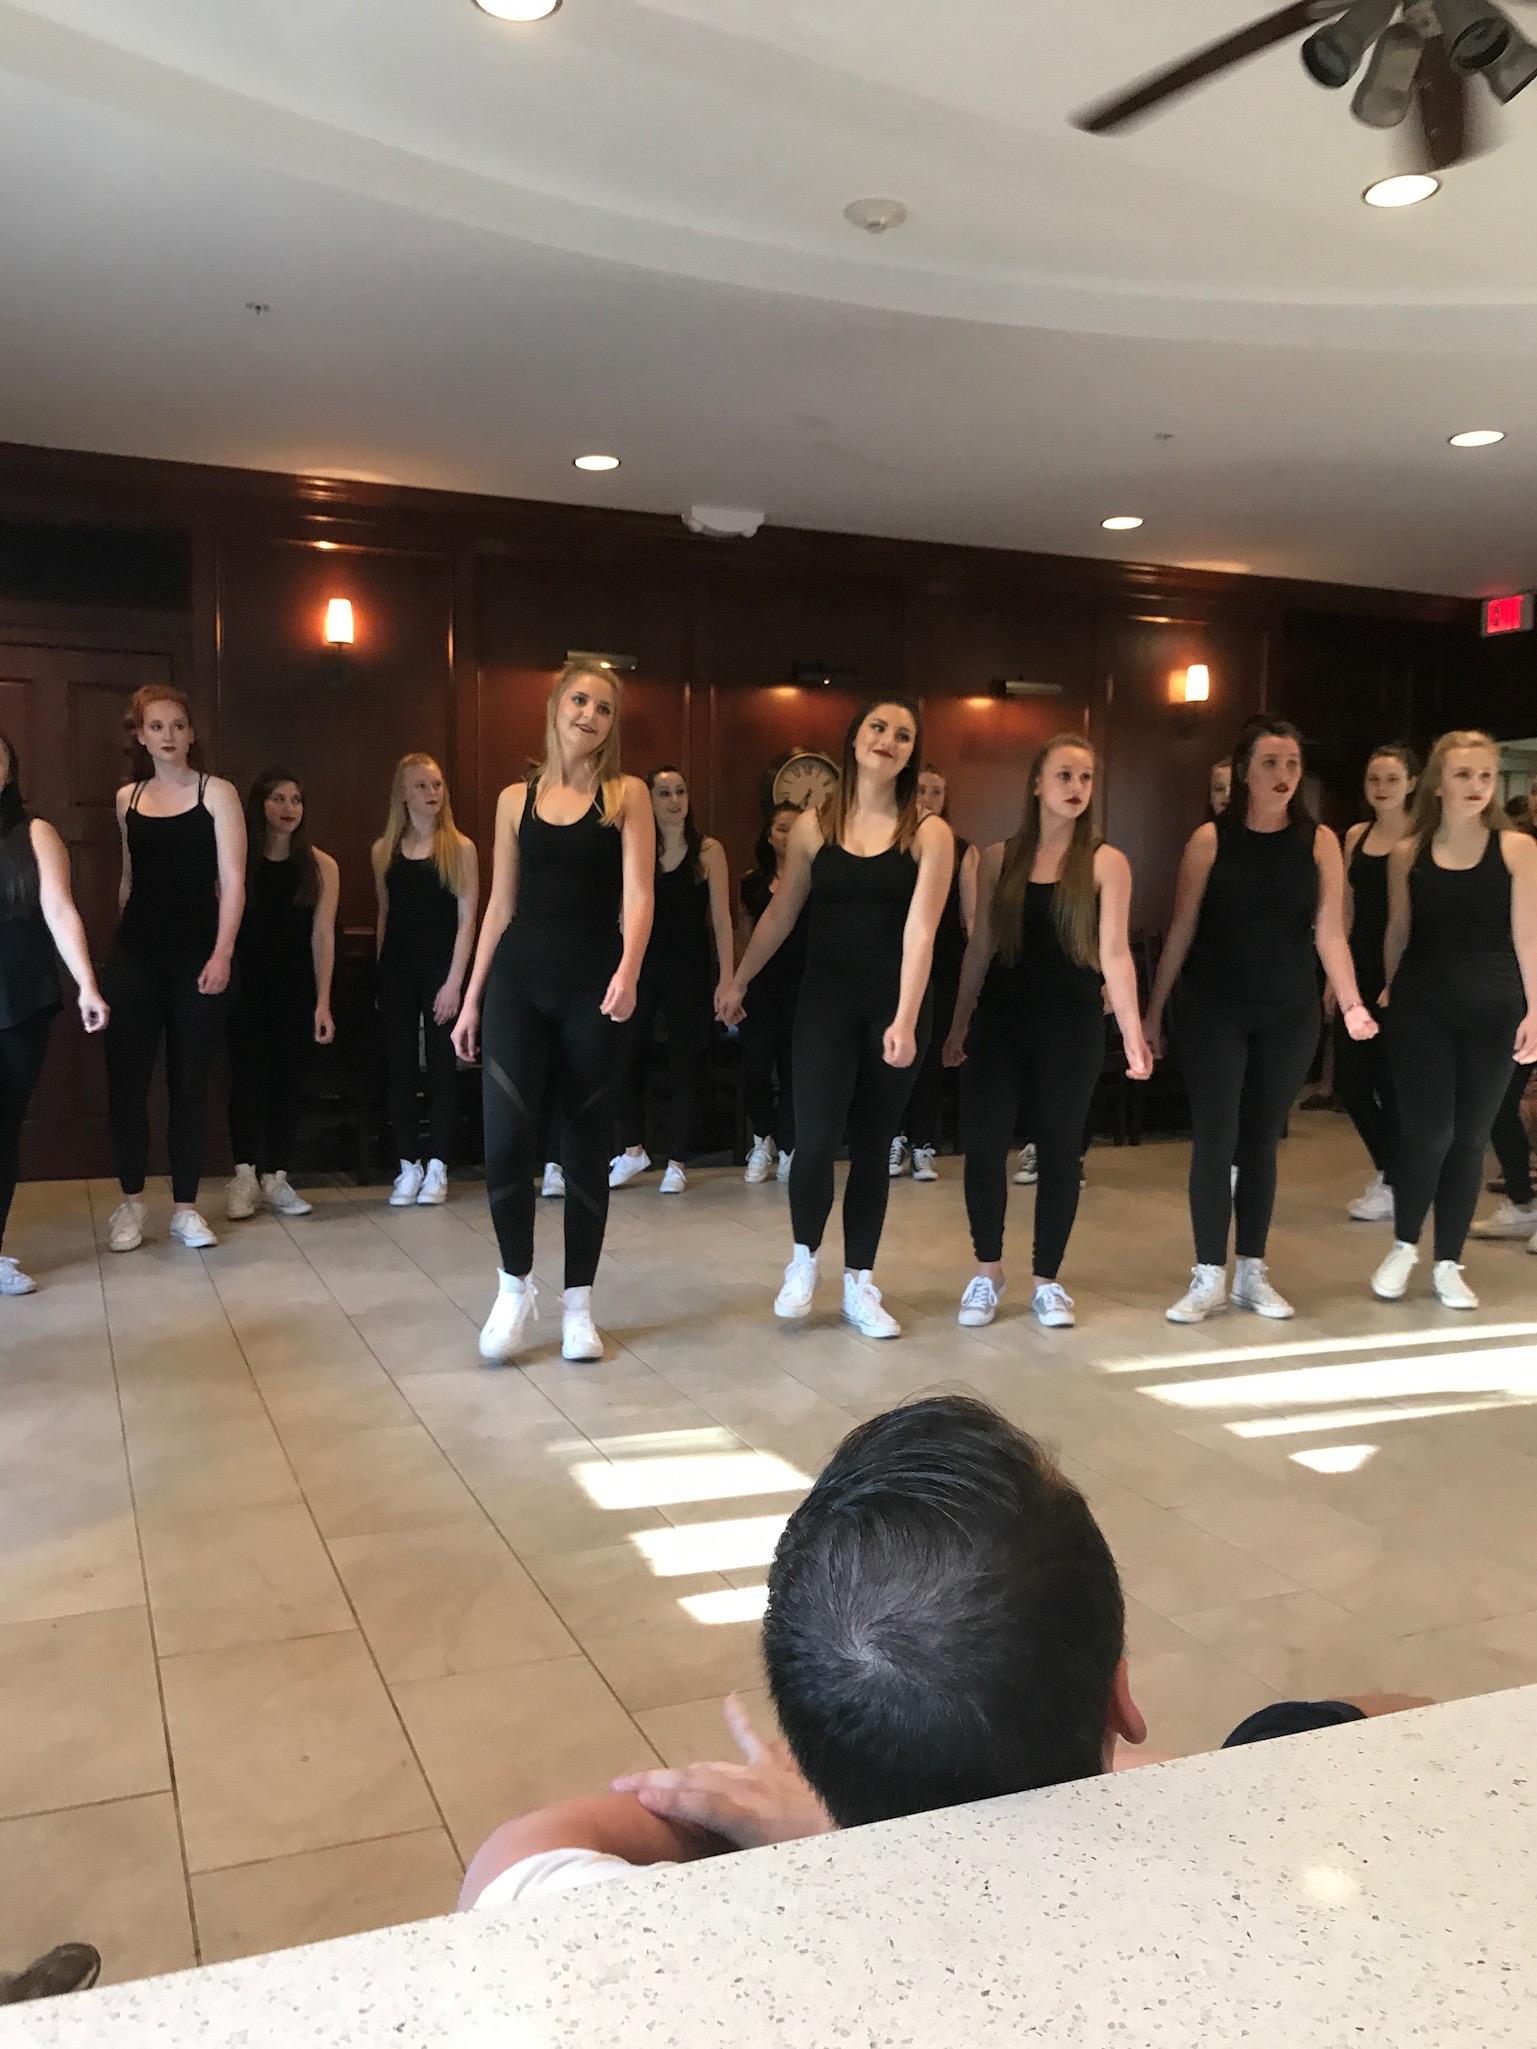 Serenaded by Sigma Kappa